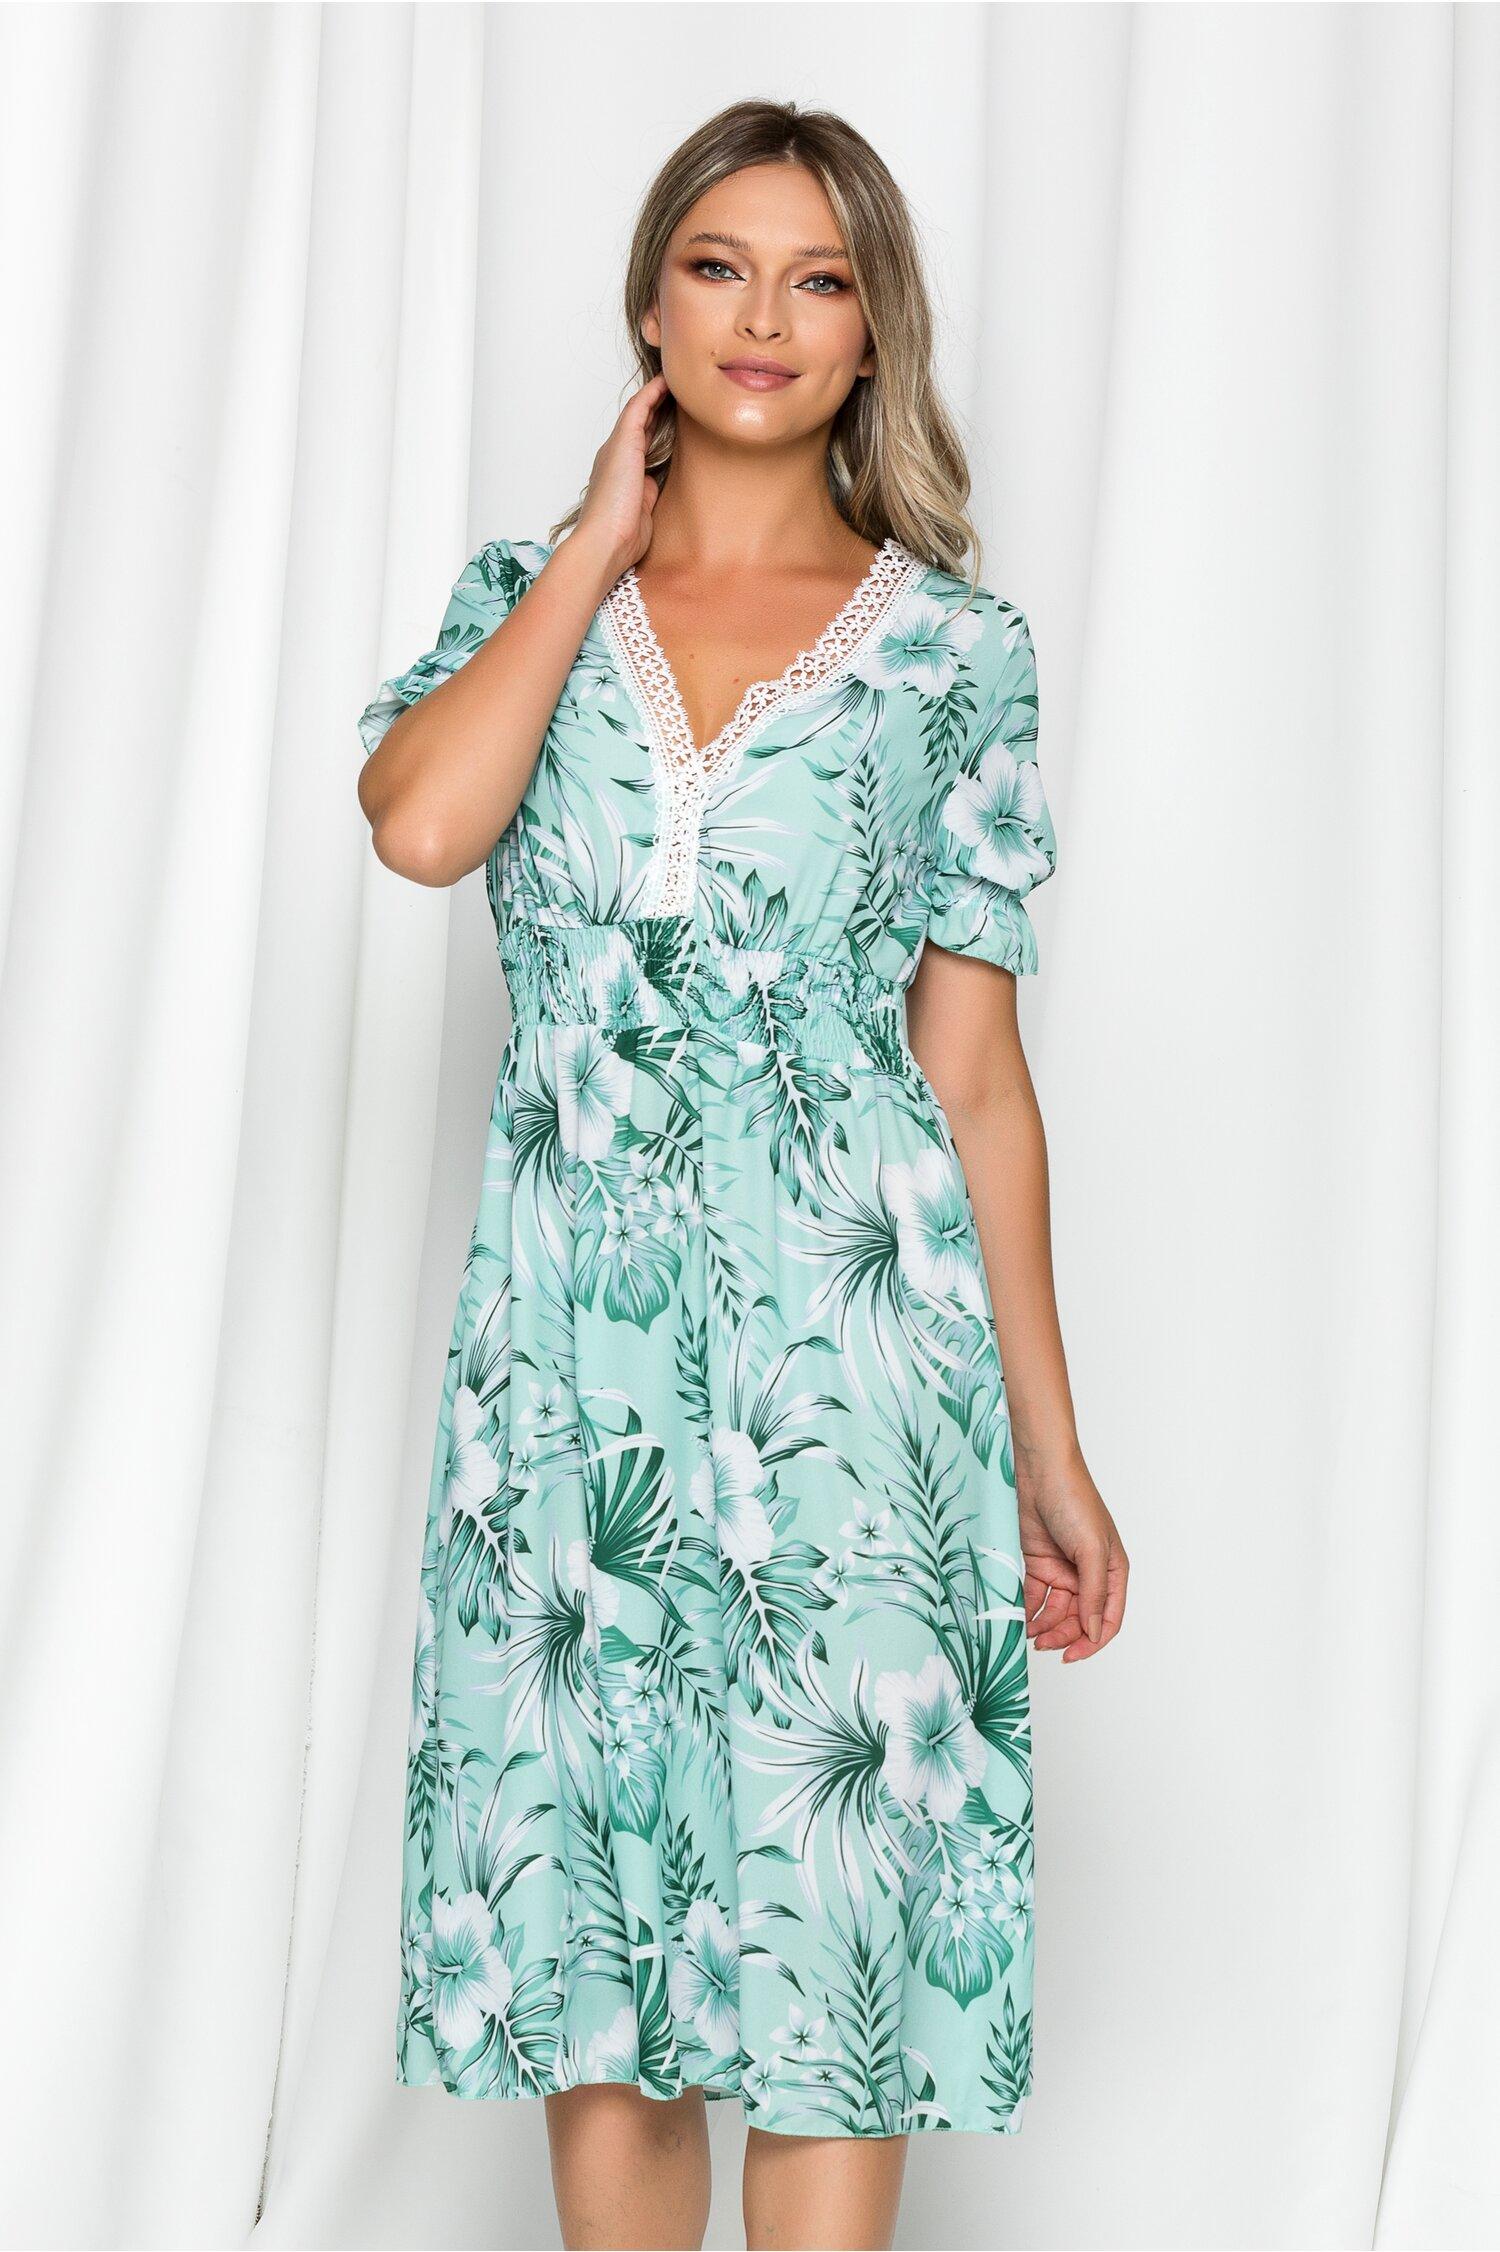 Rochie Mirabella verde cu imprimeu floral si broderie la bust